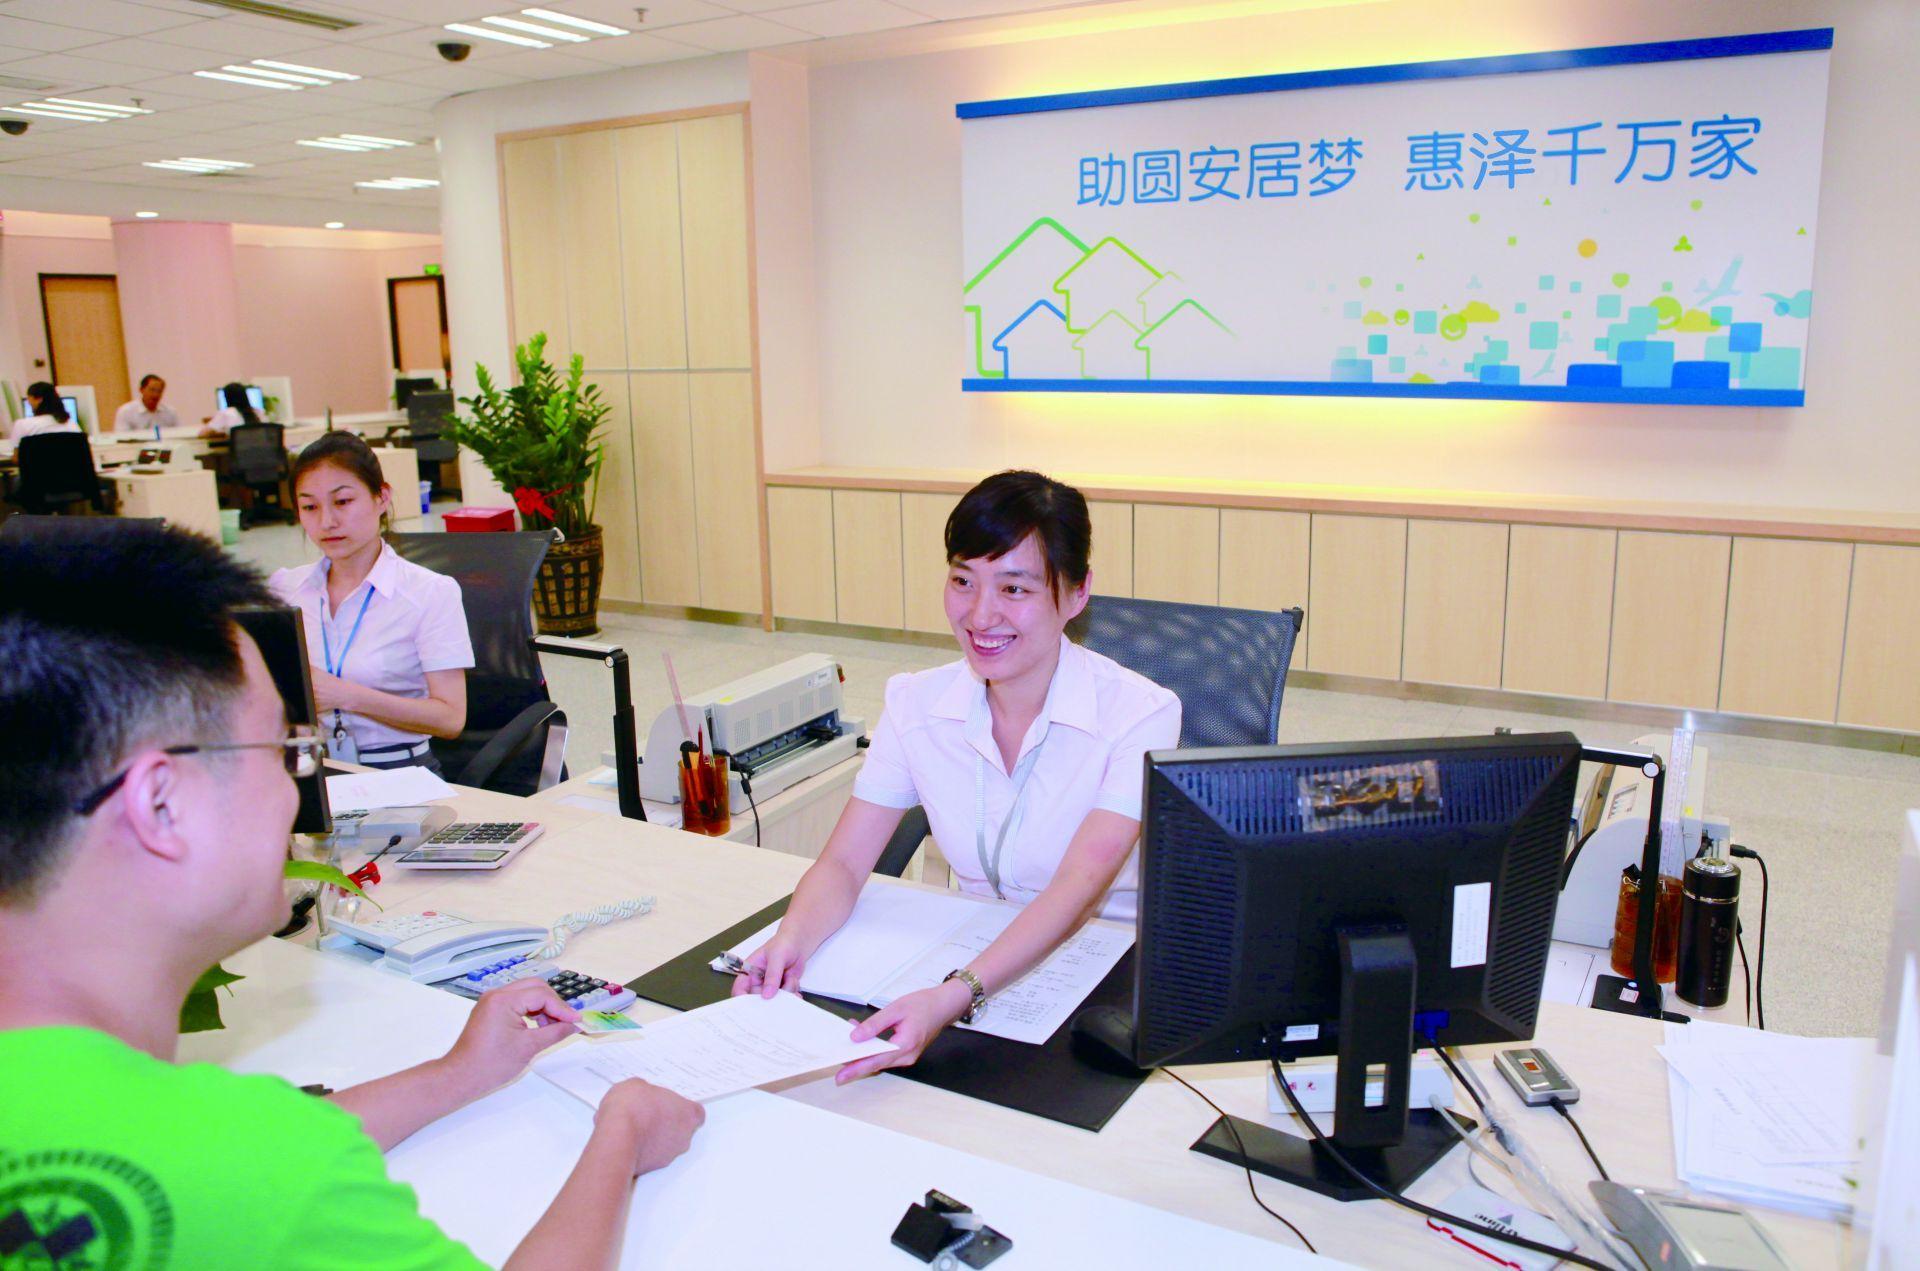 深圳市公积金中心全面提升服务质量 超95%公积金个人业务